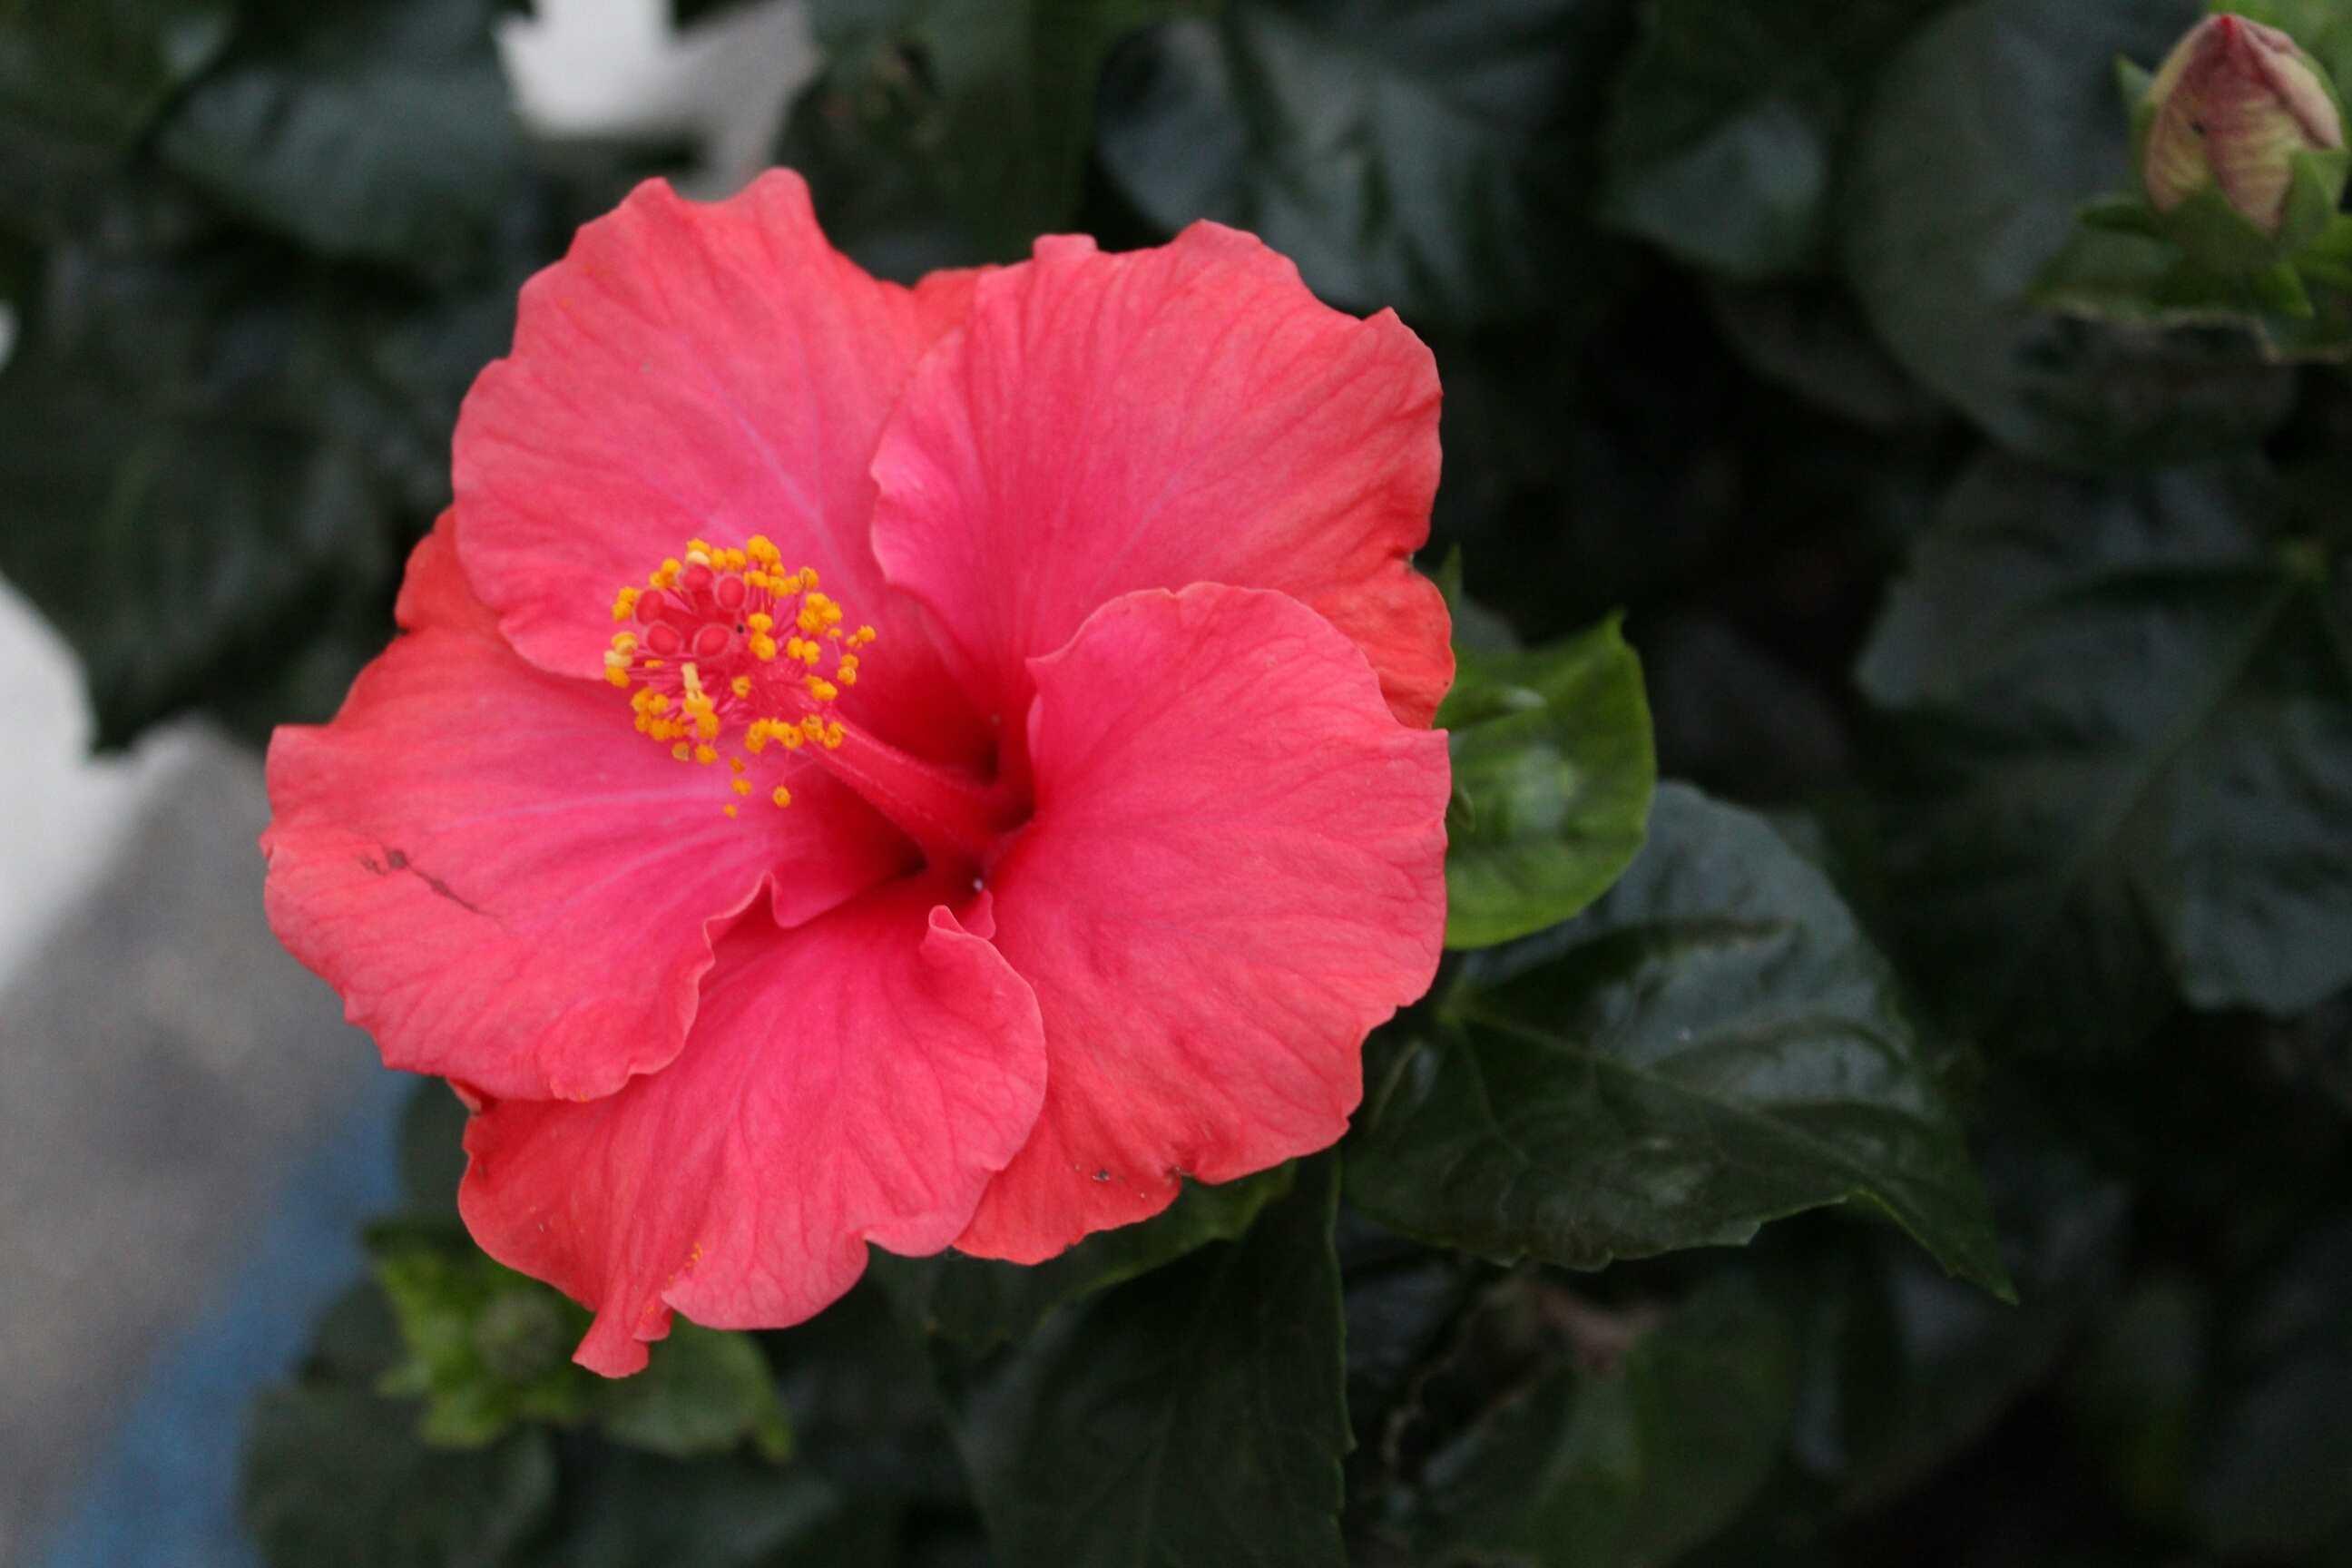 Vista de alto ángulo del hibisco que florece en el jardín